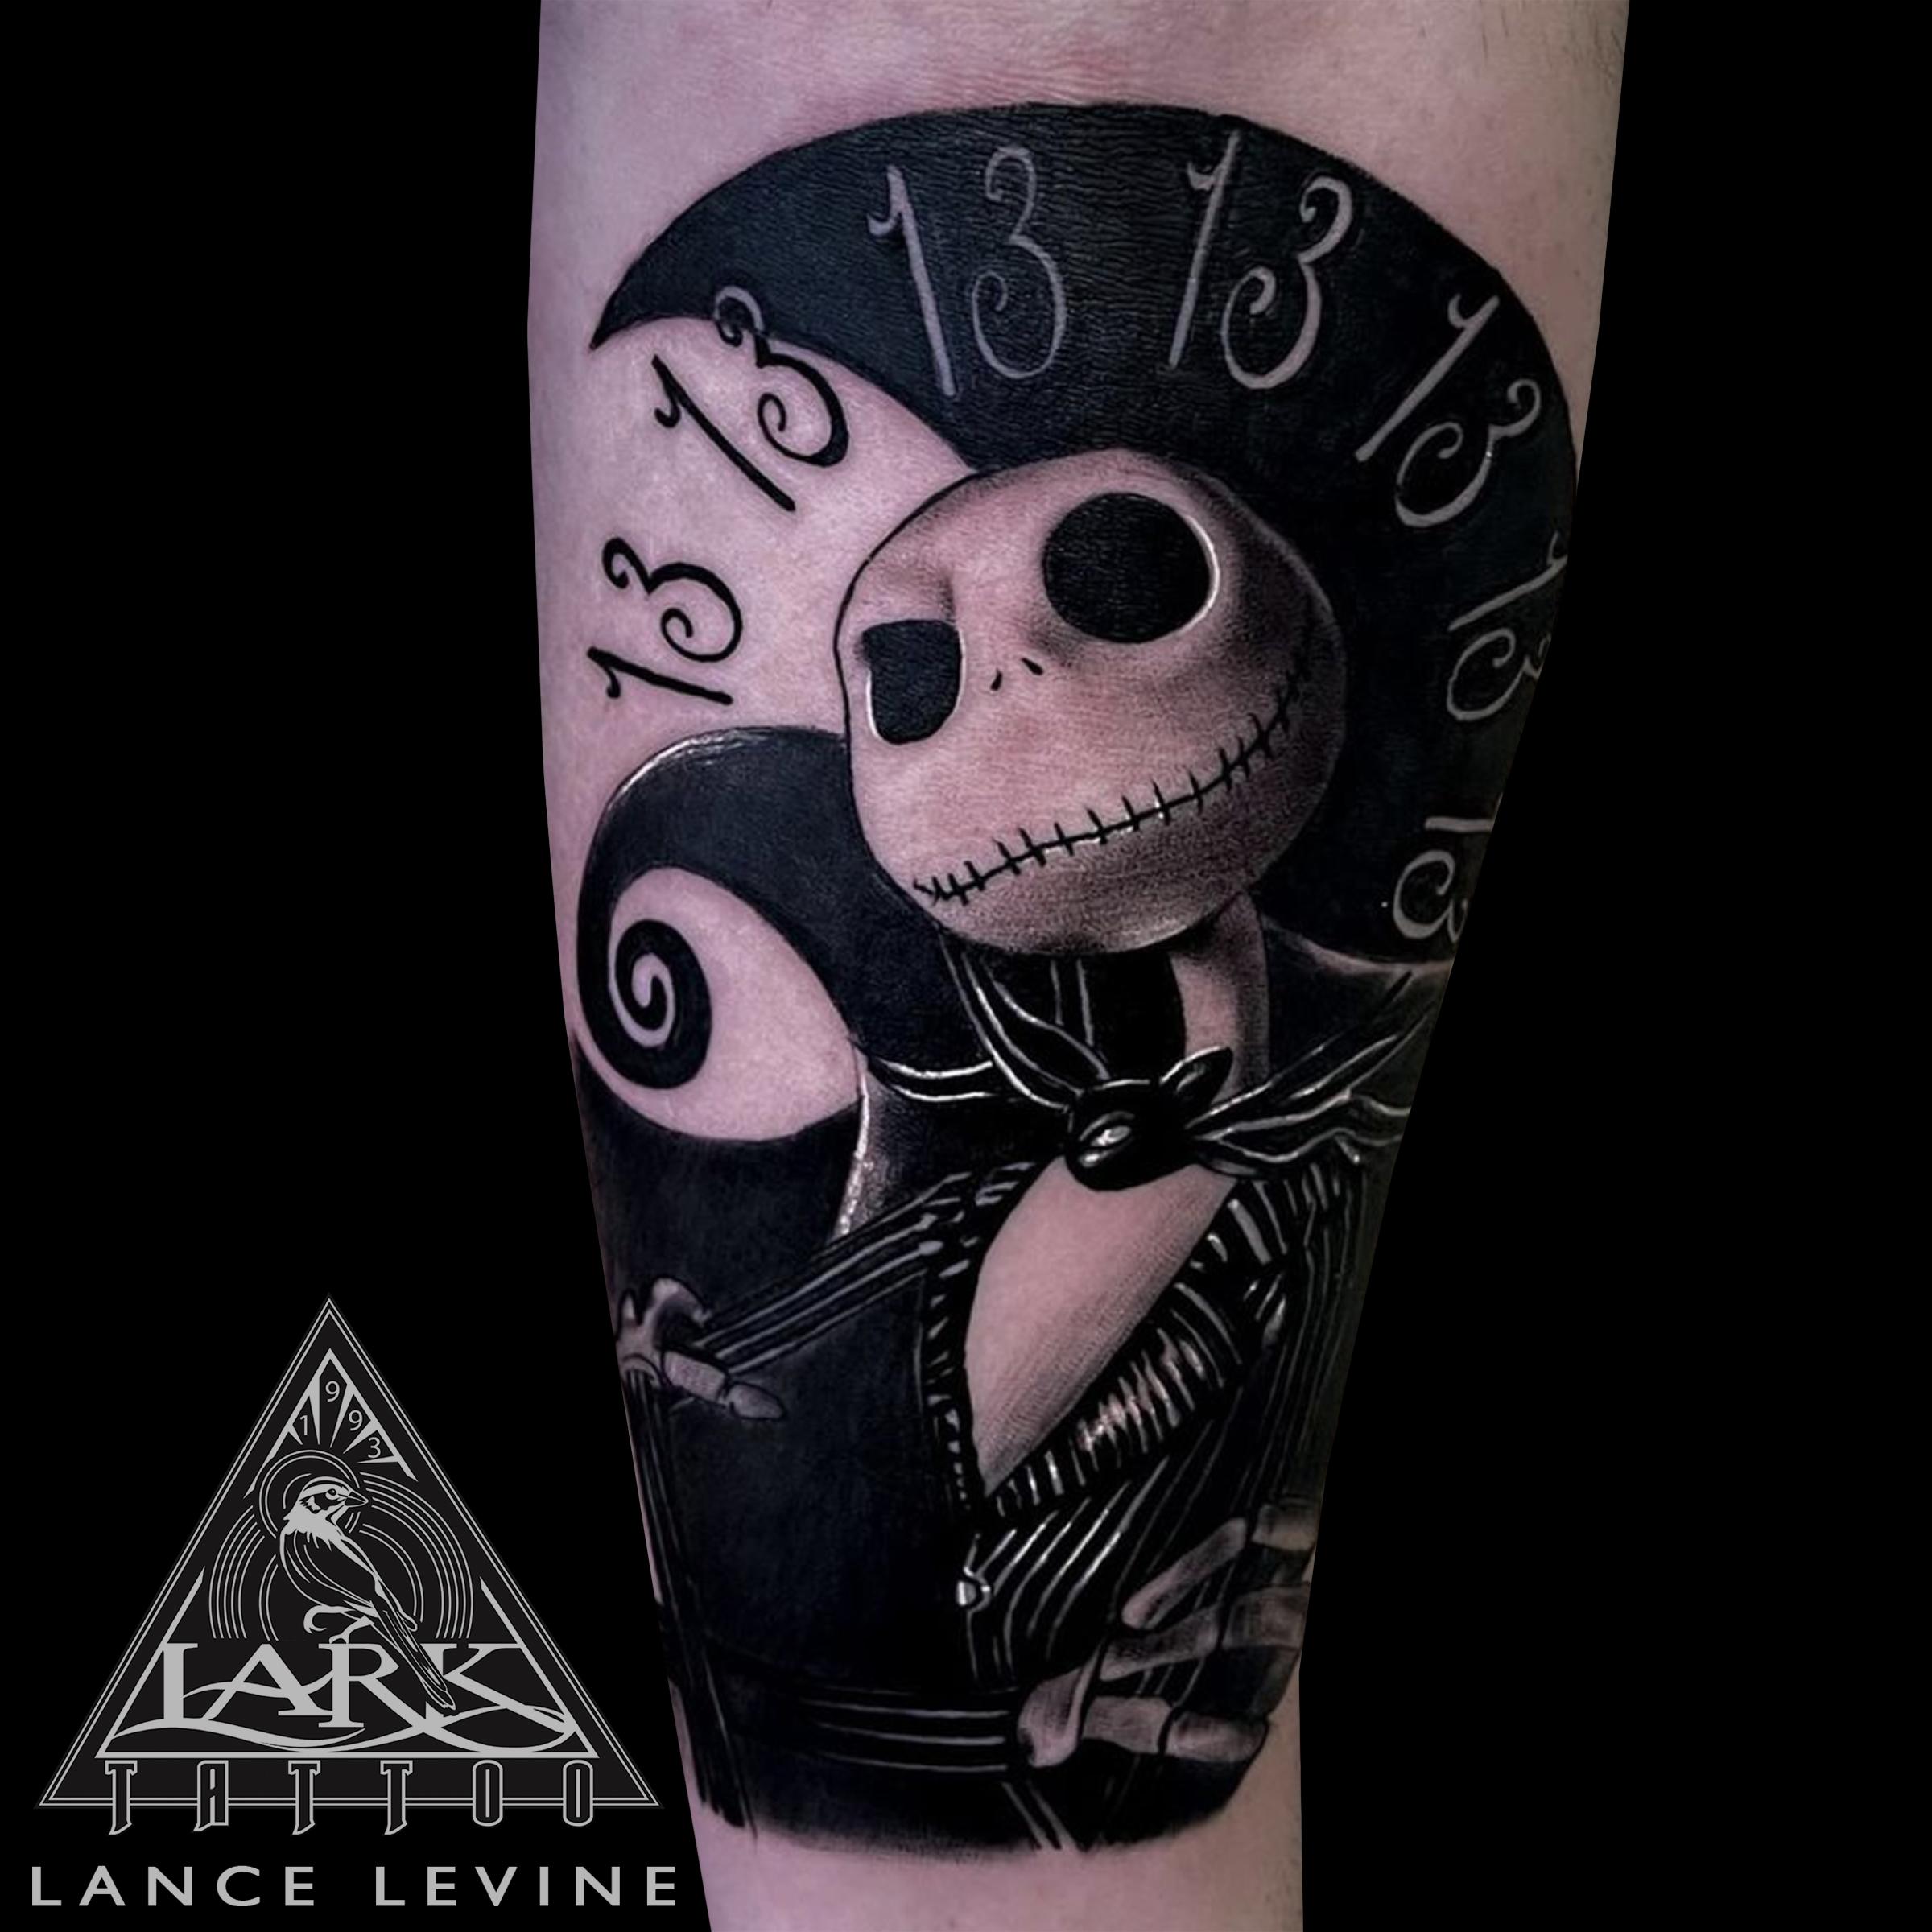 #LarkTattoo #Tattoo #Tattoos #LanceLevine #LanceLevineLarkTattoo #NightmareBeforeChristmas #NightmareBeforeChristmasTattoo #TheNightmareBeforeChristmas #TheNightmareBeforeChristmasTattoo #TimBurton #TimBurtonTattoo #JackSkellington #JackSkellingtonTattoo #ChrisSarandon #ChrisSarandonTattoo #Animation #AnimationTattoo #Illustration #IllustrationTattoo #Halloween #HalloweenTattoo #PumpkinKing #PumpkinKingTattoo #ThePumpkinKing #ThePumpkinKingTattoo #BNG #BNGTattoo #BlackAndGray #BlackAndGrayTattoo #BlackAndGrey #BlackAndGreyTattoo #TimBurtonMovies #TimBurtonMoviesTattoo #HappyHalloween #TattooArtist #Tattoist #Tattooer #LongIslandTattooArtist #LongIslandTattooer #LongIslandTattoo #TattooOfTheDay #Tat #Tats #Tatts #Tatted #Inked #Ink #TattooInk #AmazingInk #AmazingTattoo #BodyArt #LarkTattooWestbury #Westbury #LongIsland #NY #NewYork #USA #Art #Tattedup #InkedUp #LarkTattoos